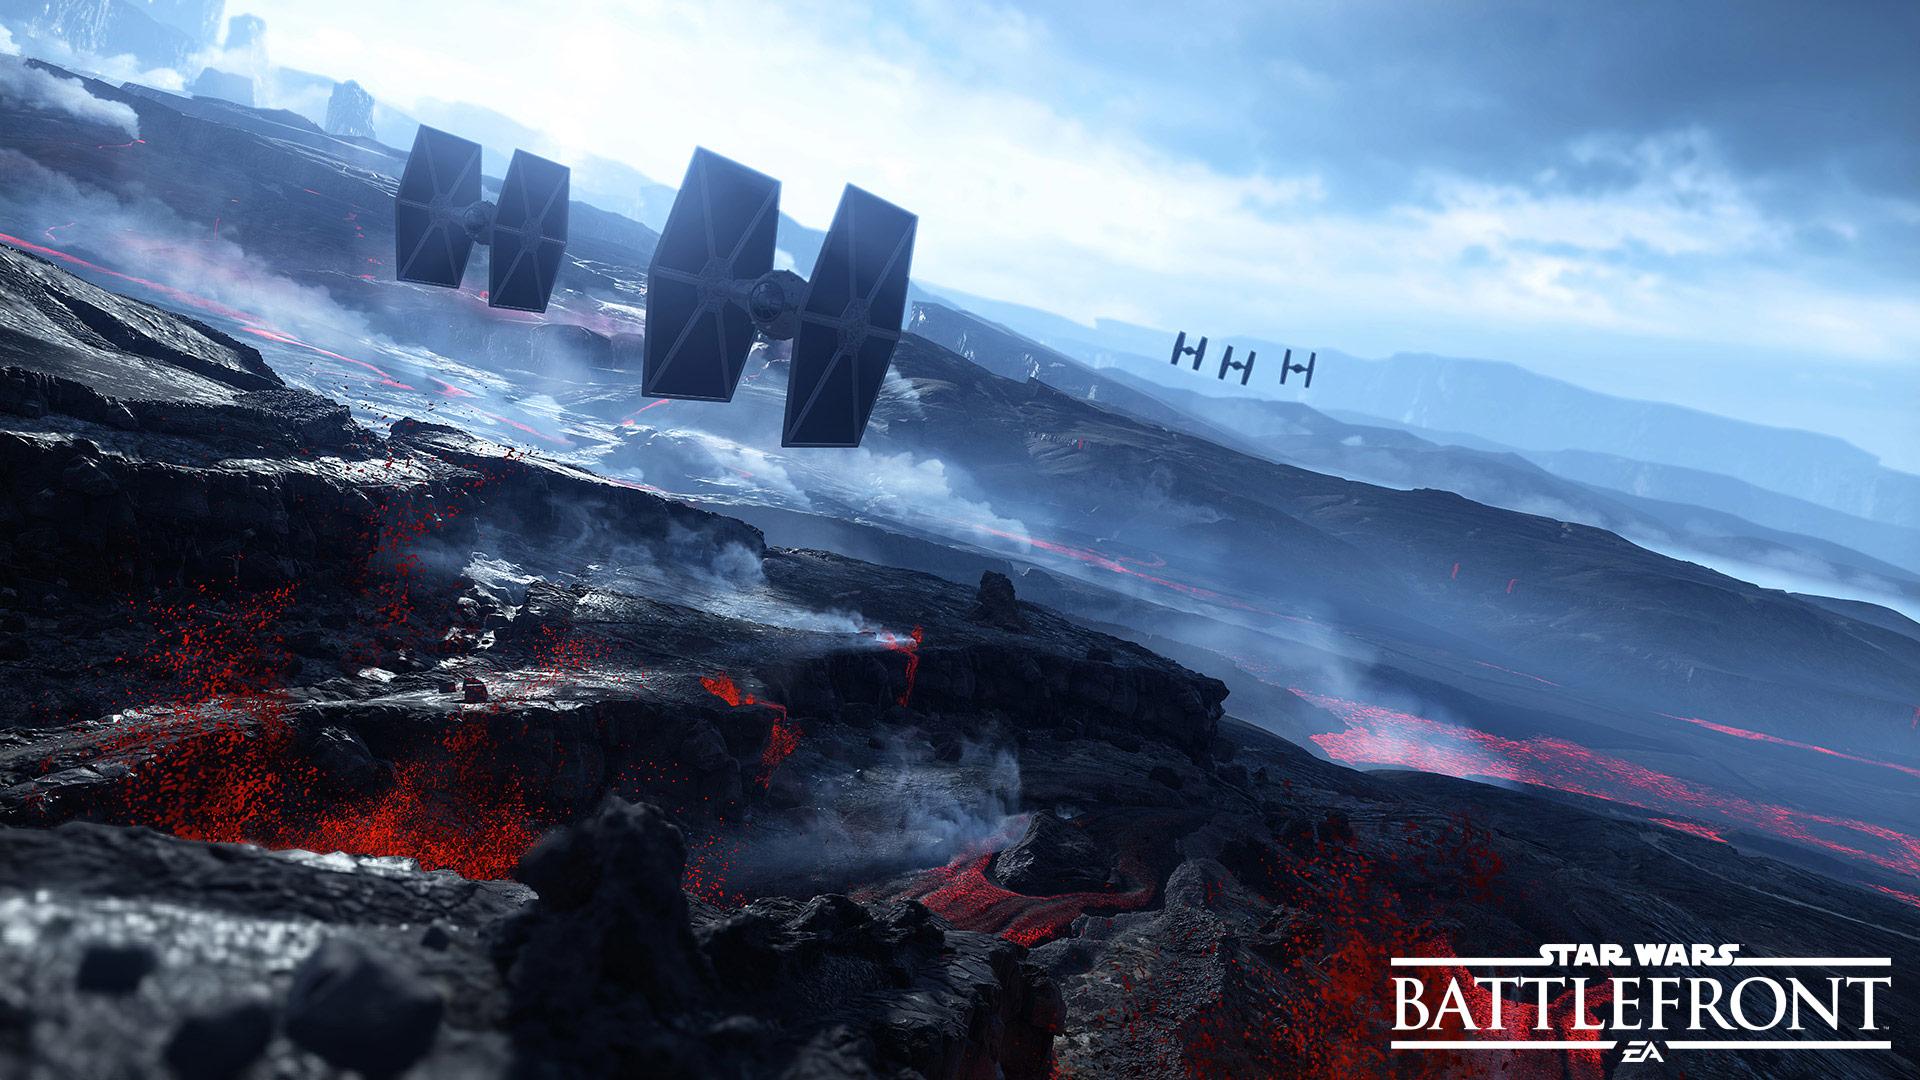 Star Wars Battlefront: Riesige Erwartungen, viel Skepsis – Studio spürt den Druck